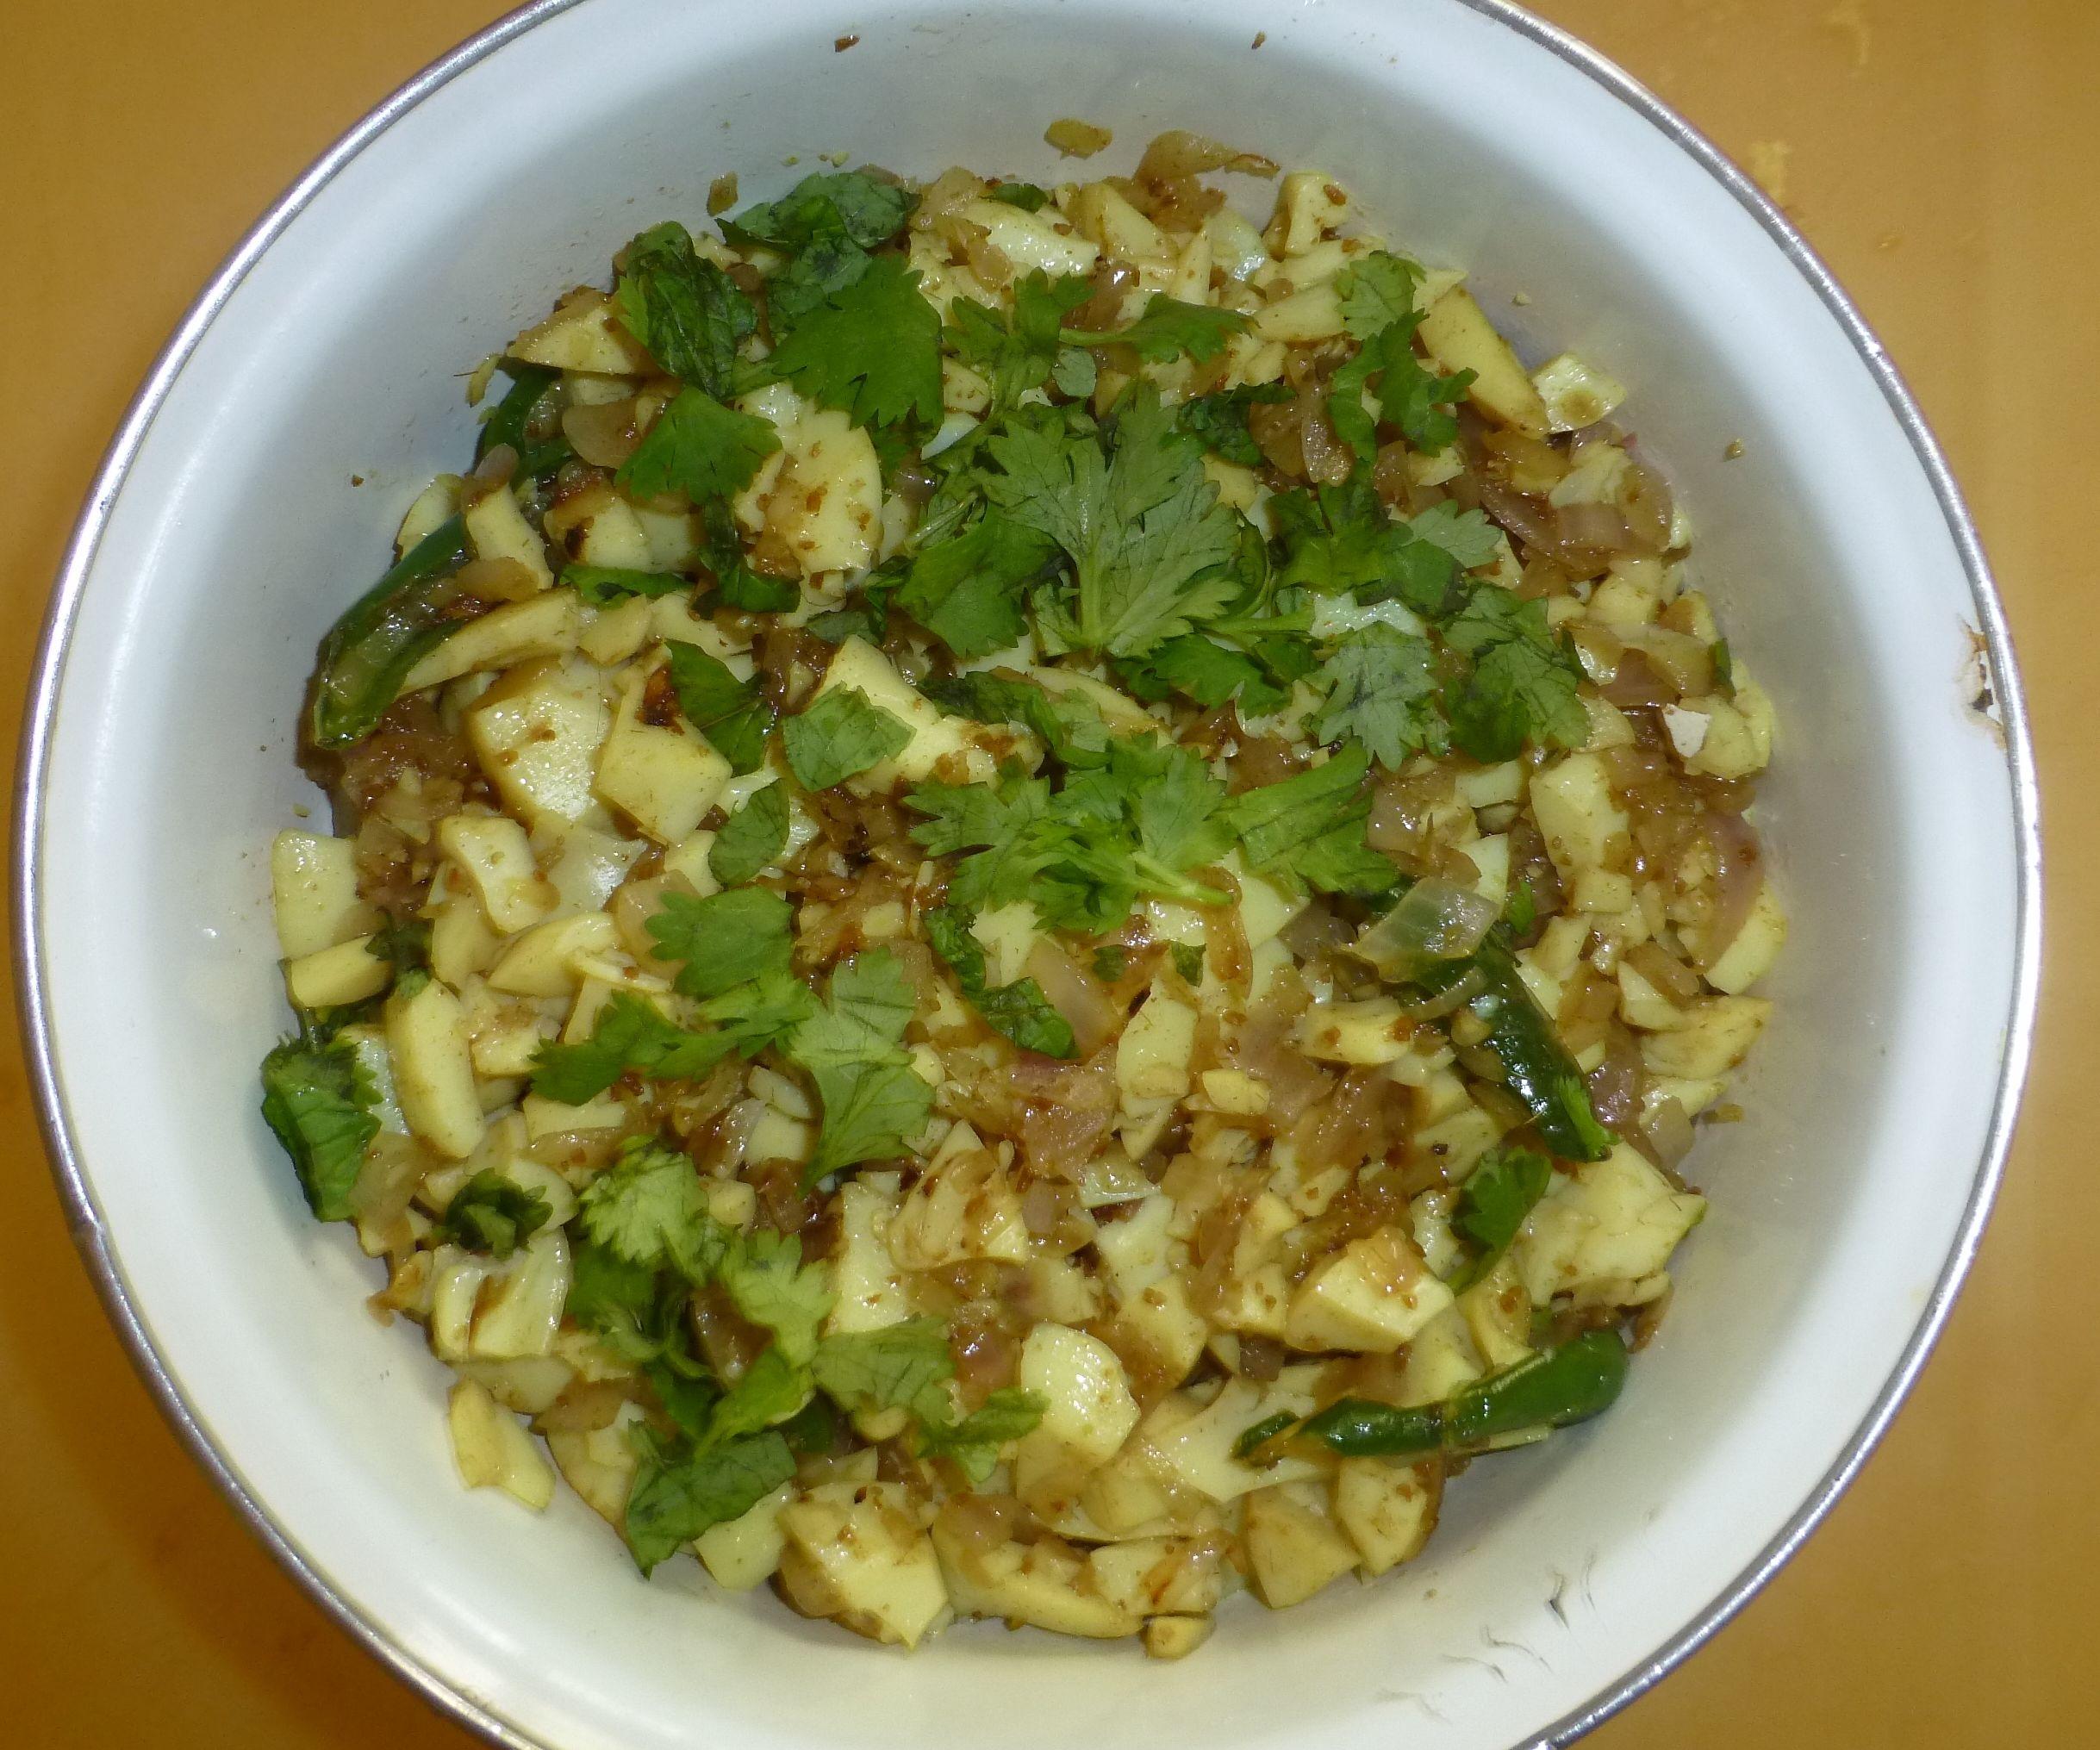 Tasty Stir-fried Boiled Egg Whites